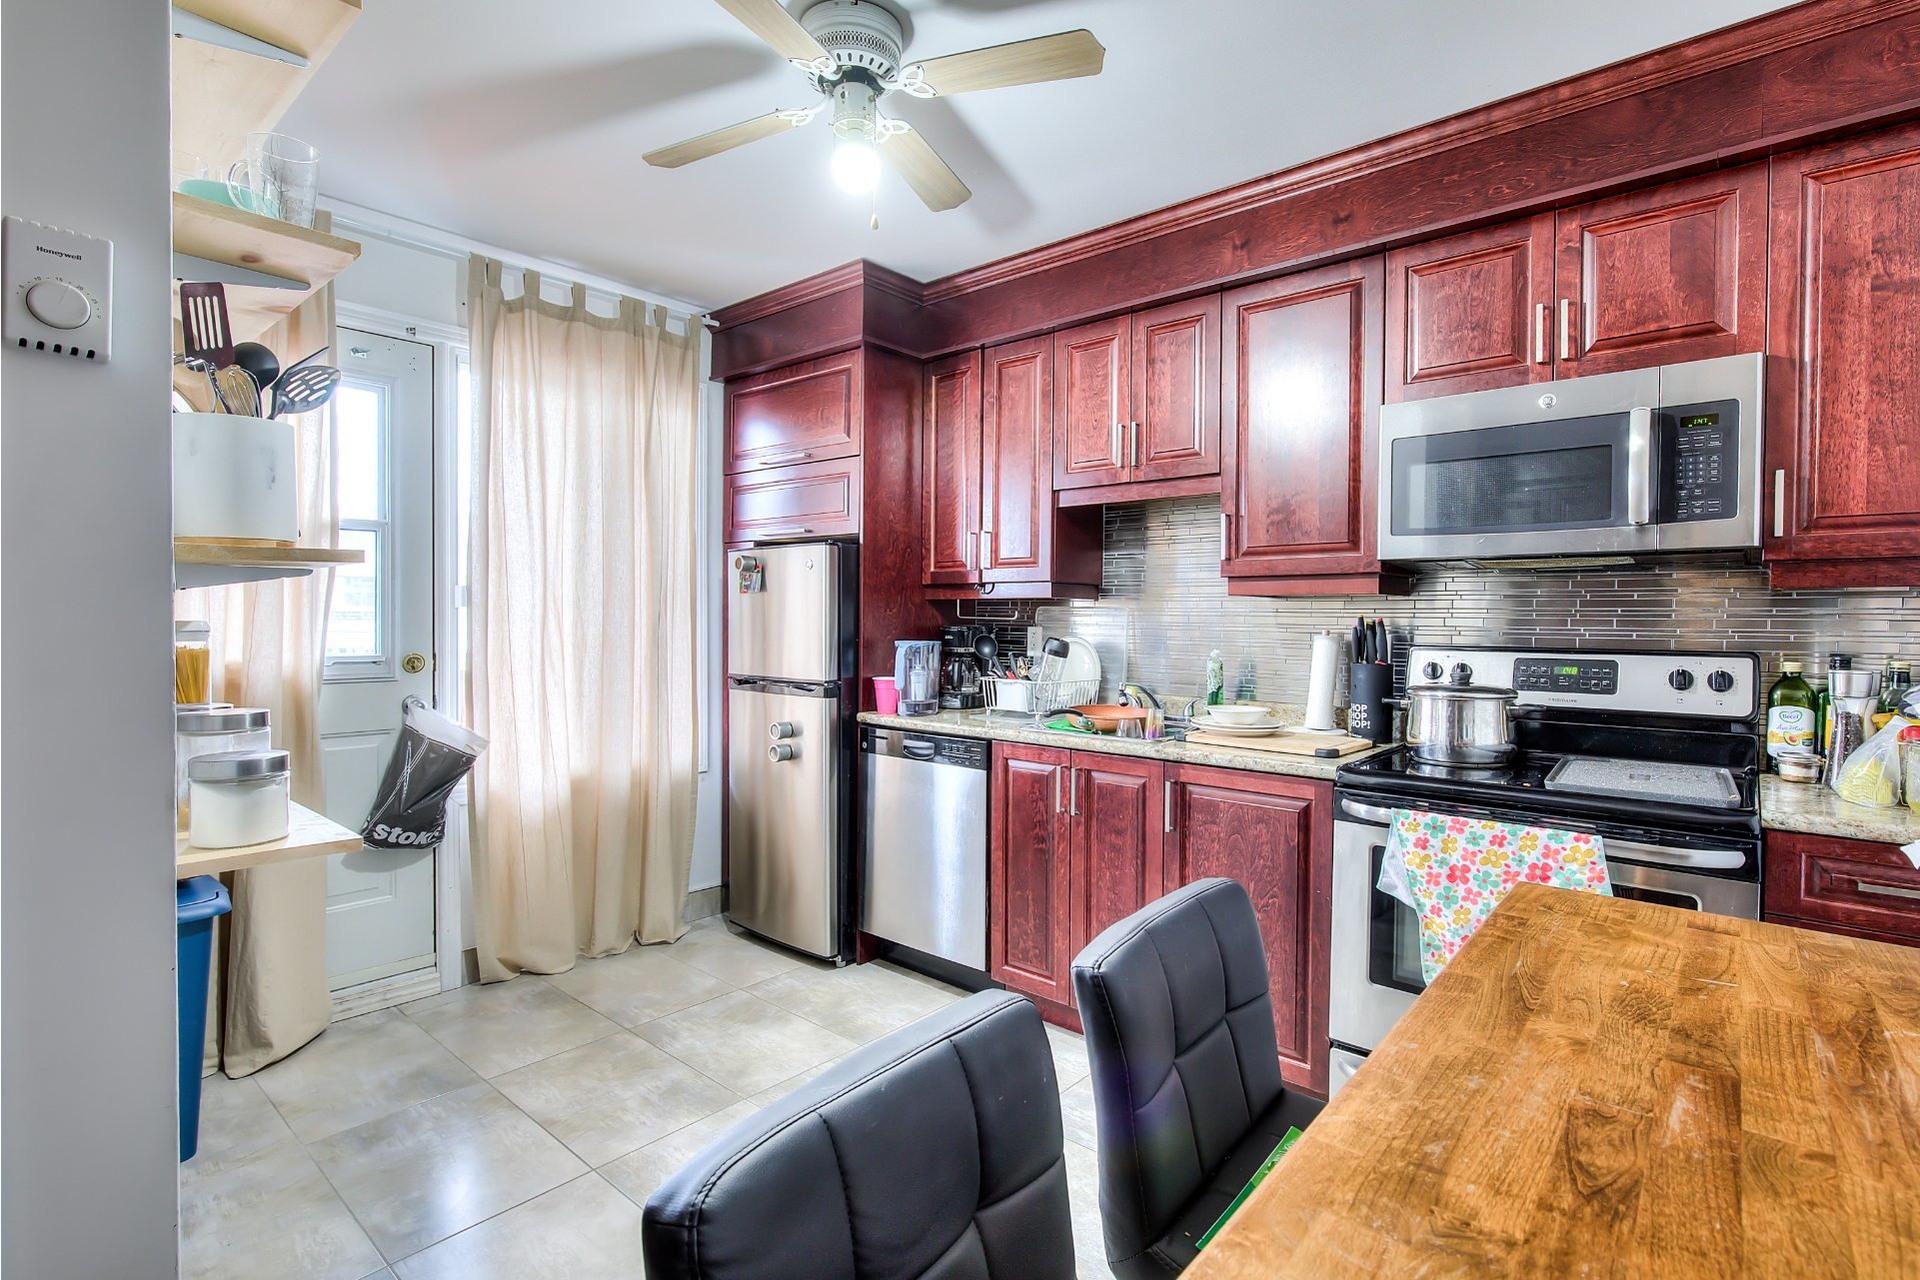 image 4 - Income property For sale Villeray/Saint-Michel/Parc-Extension Montréal  - 4 rooms